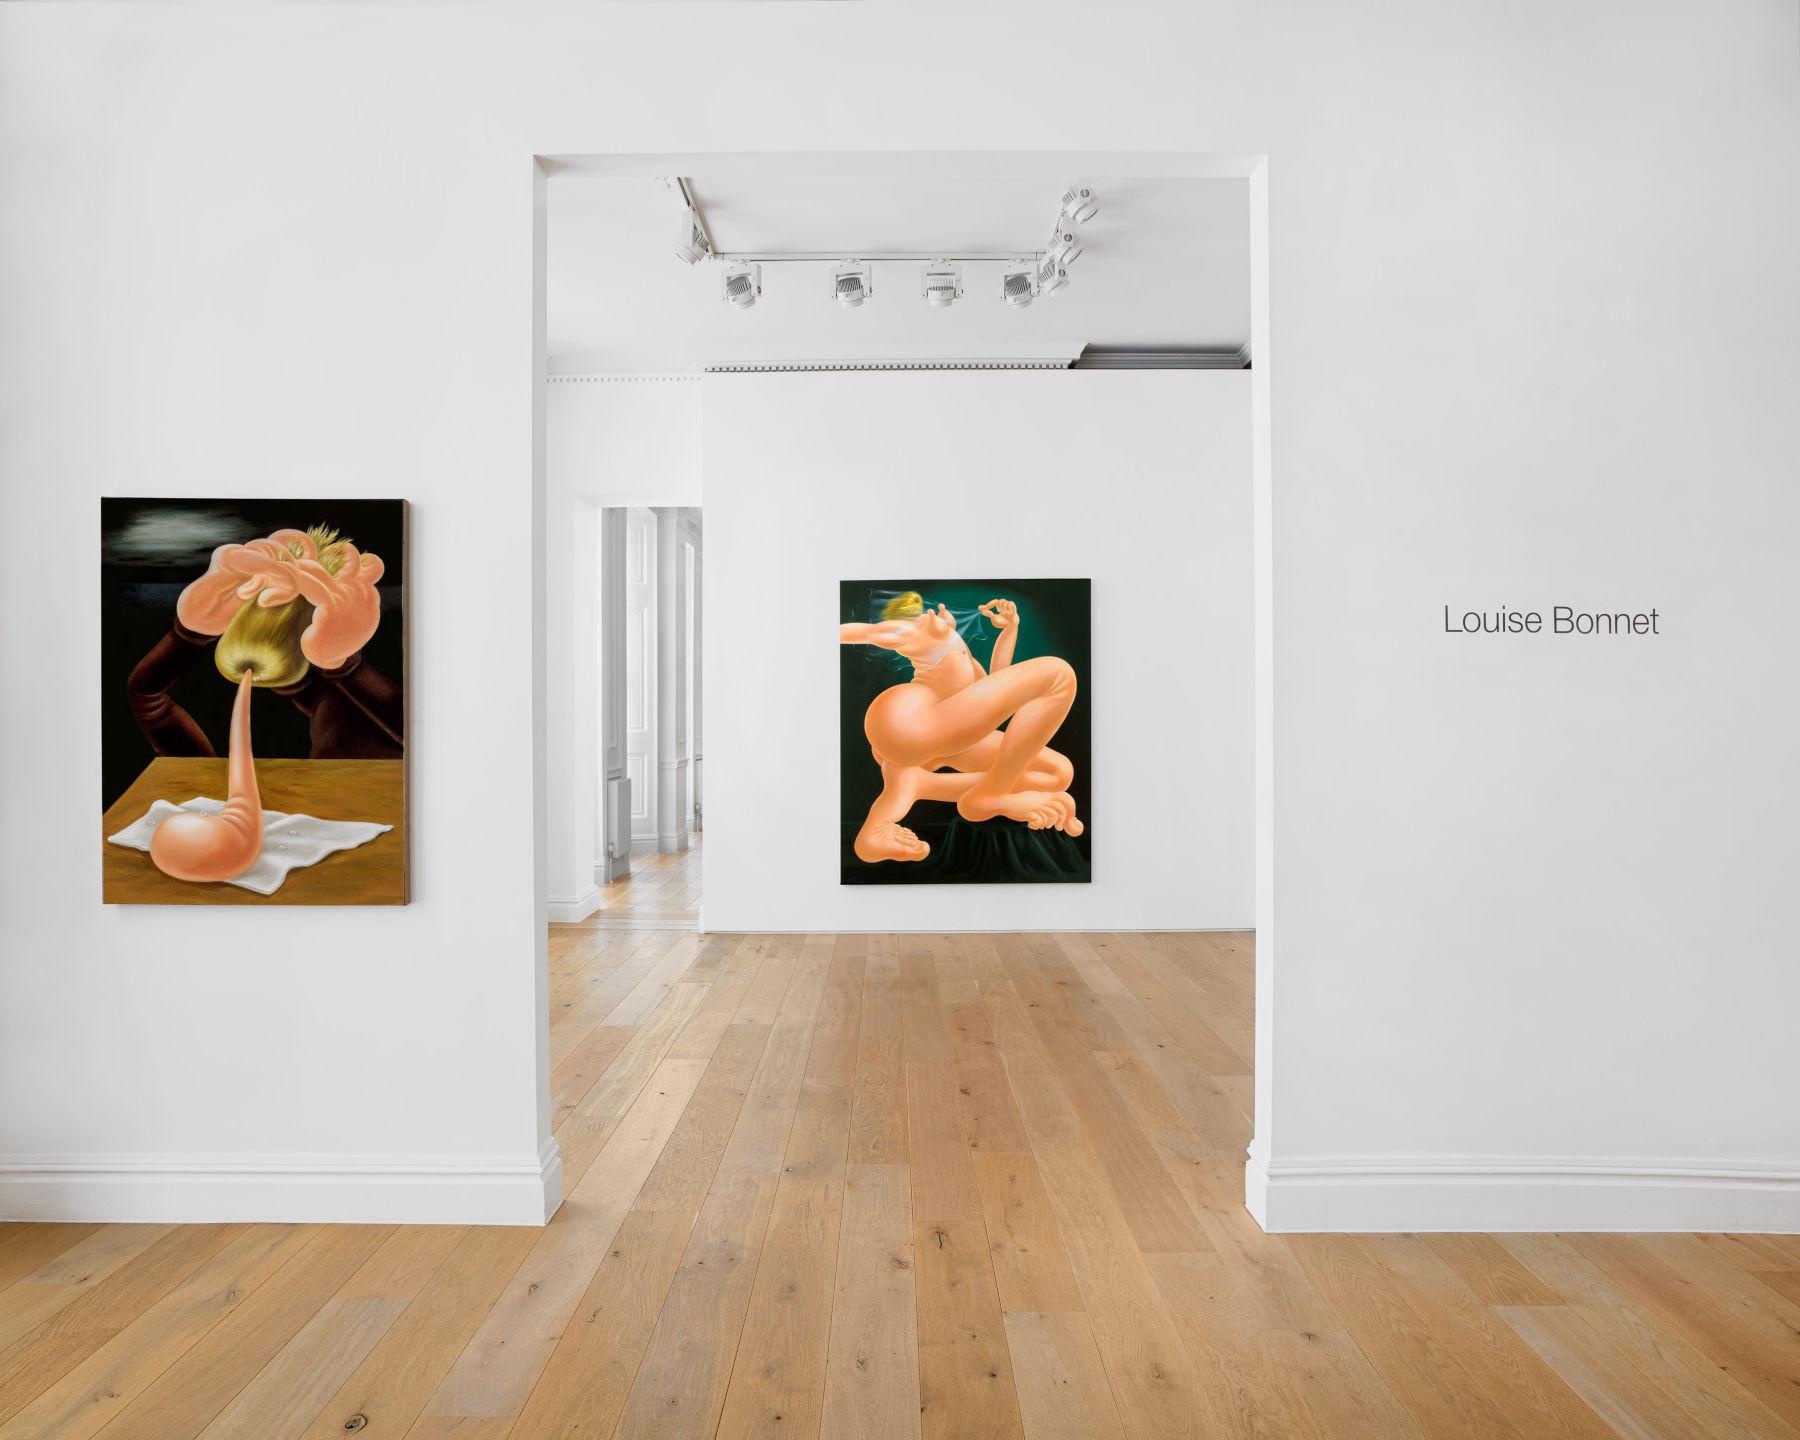 Galerie Max Hetzler Louise Bonnet 2